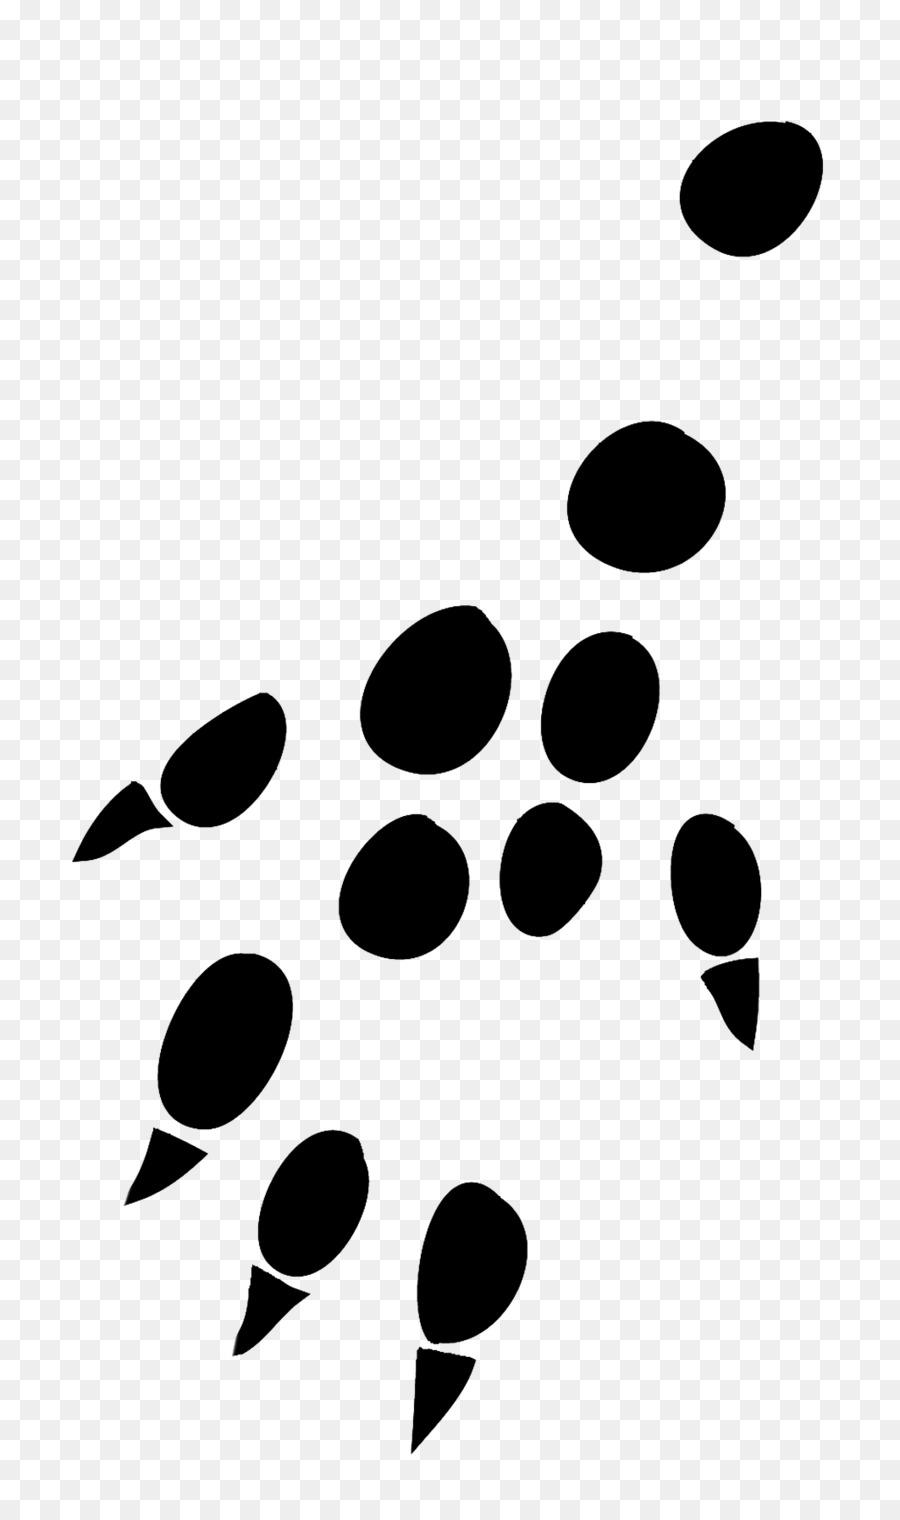 Footprint clipart rat. Mouse cartoon transparent